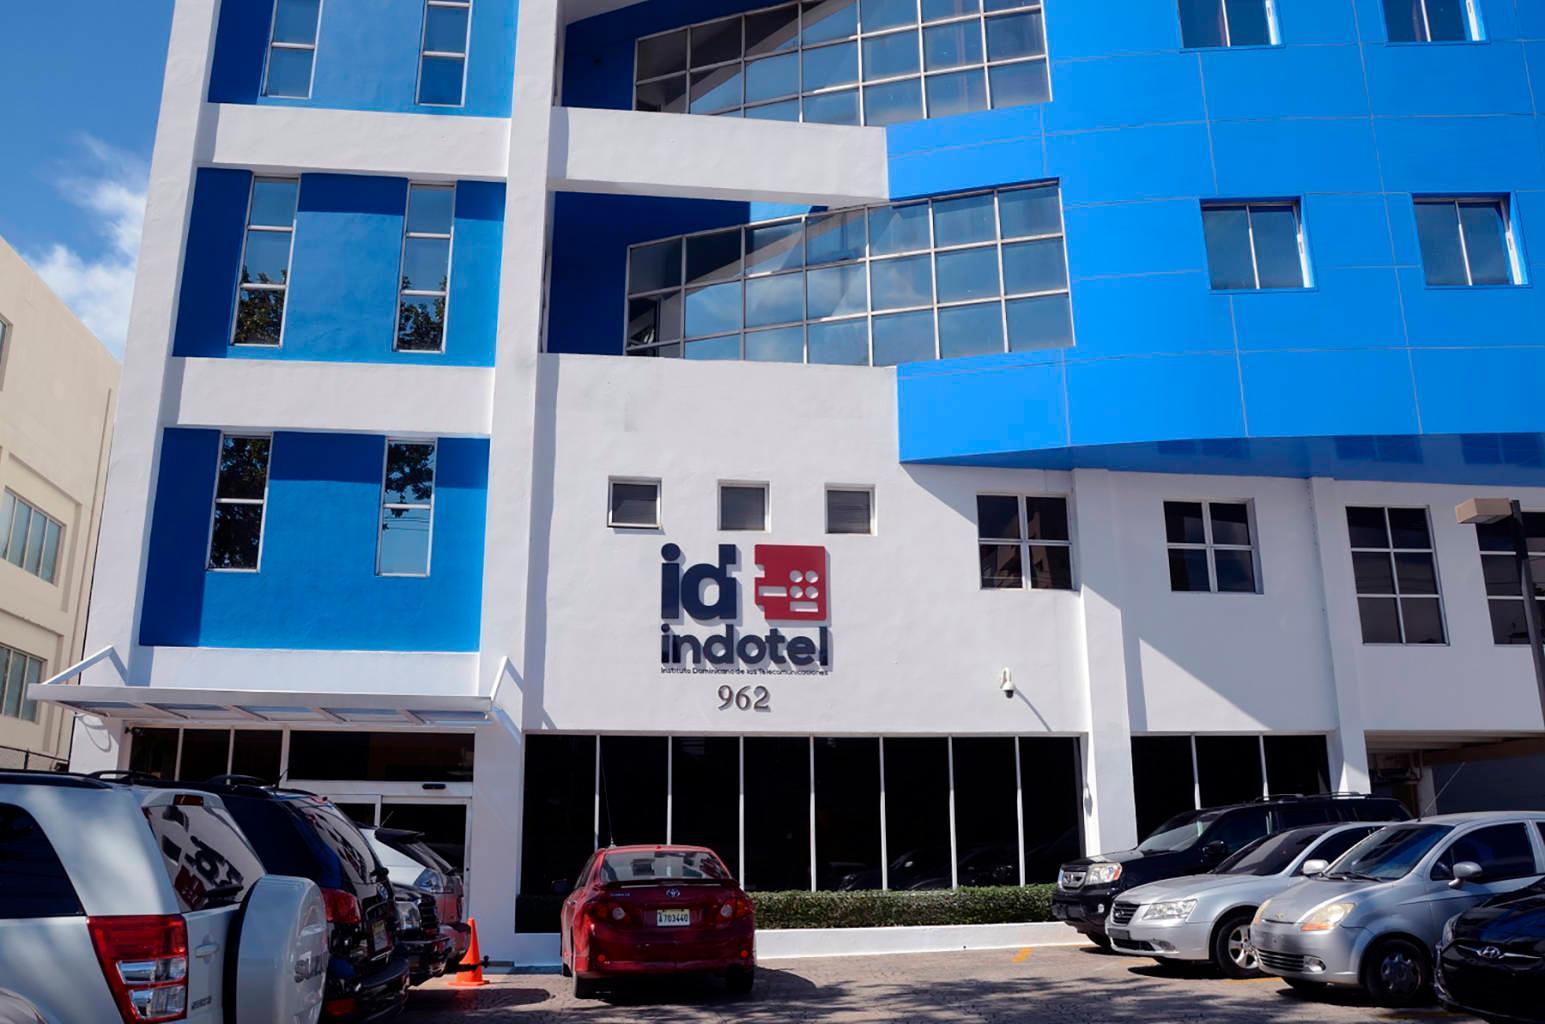 INDOTEL cierra cuatro emisoras ilegales en Monseñor Nouel